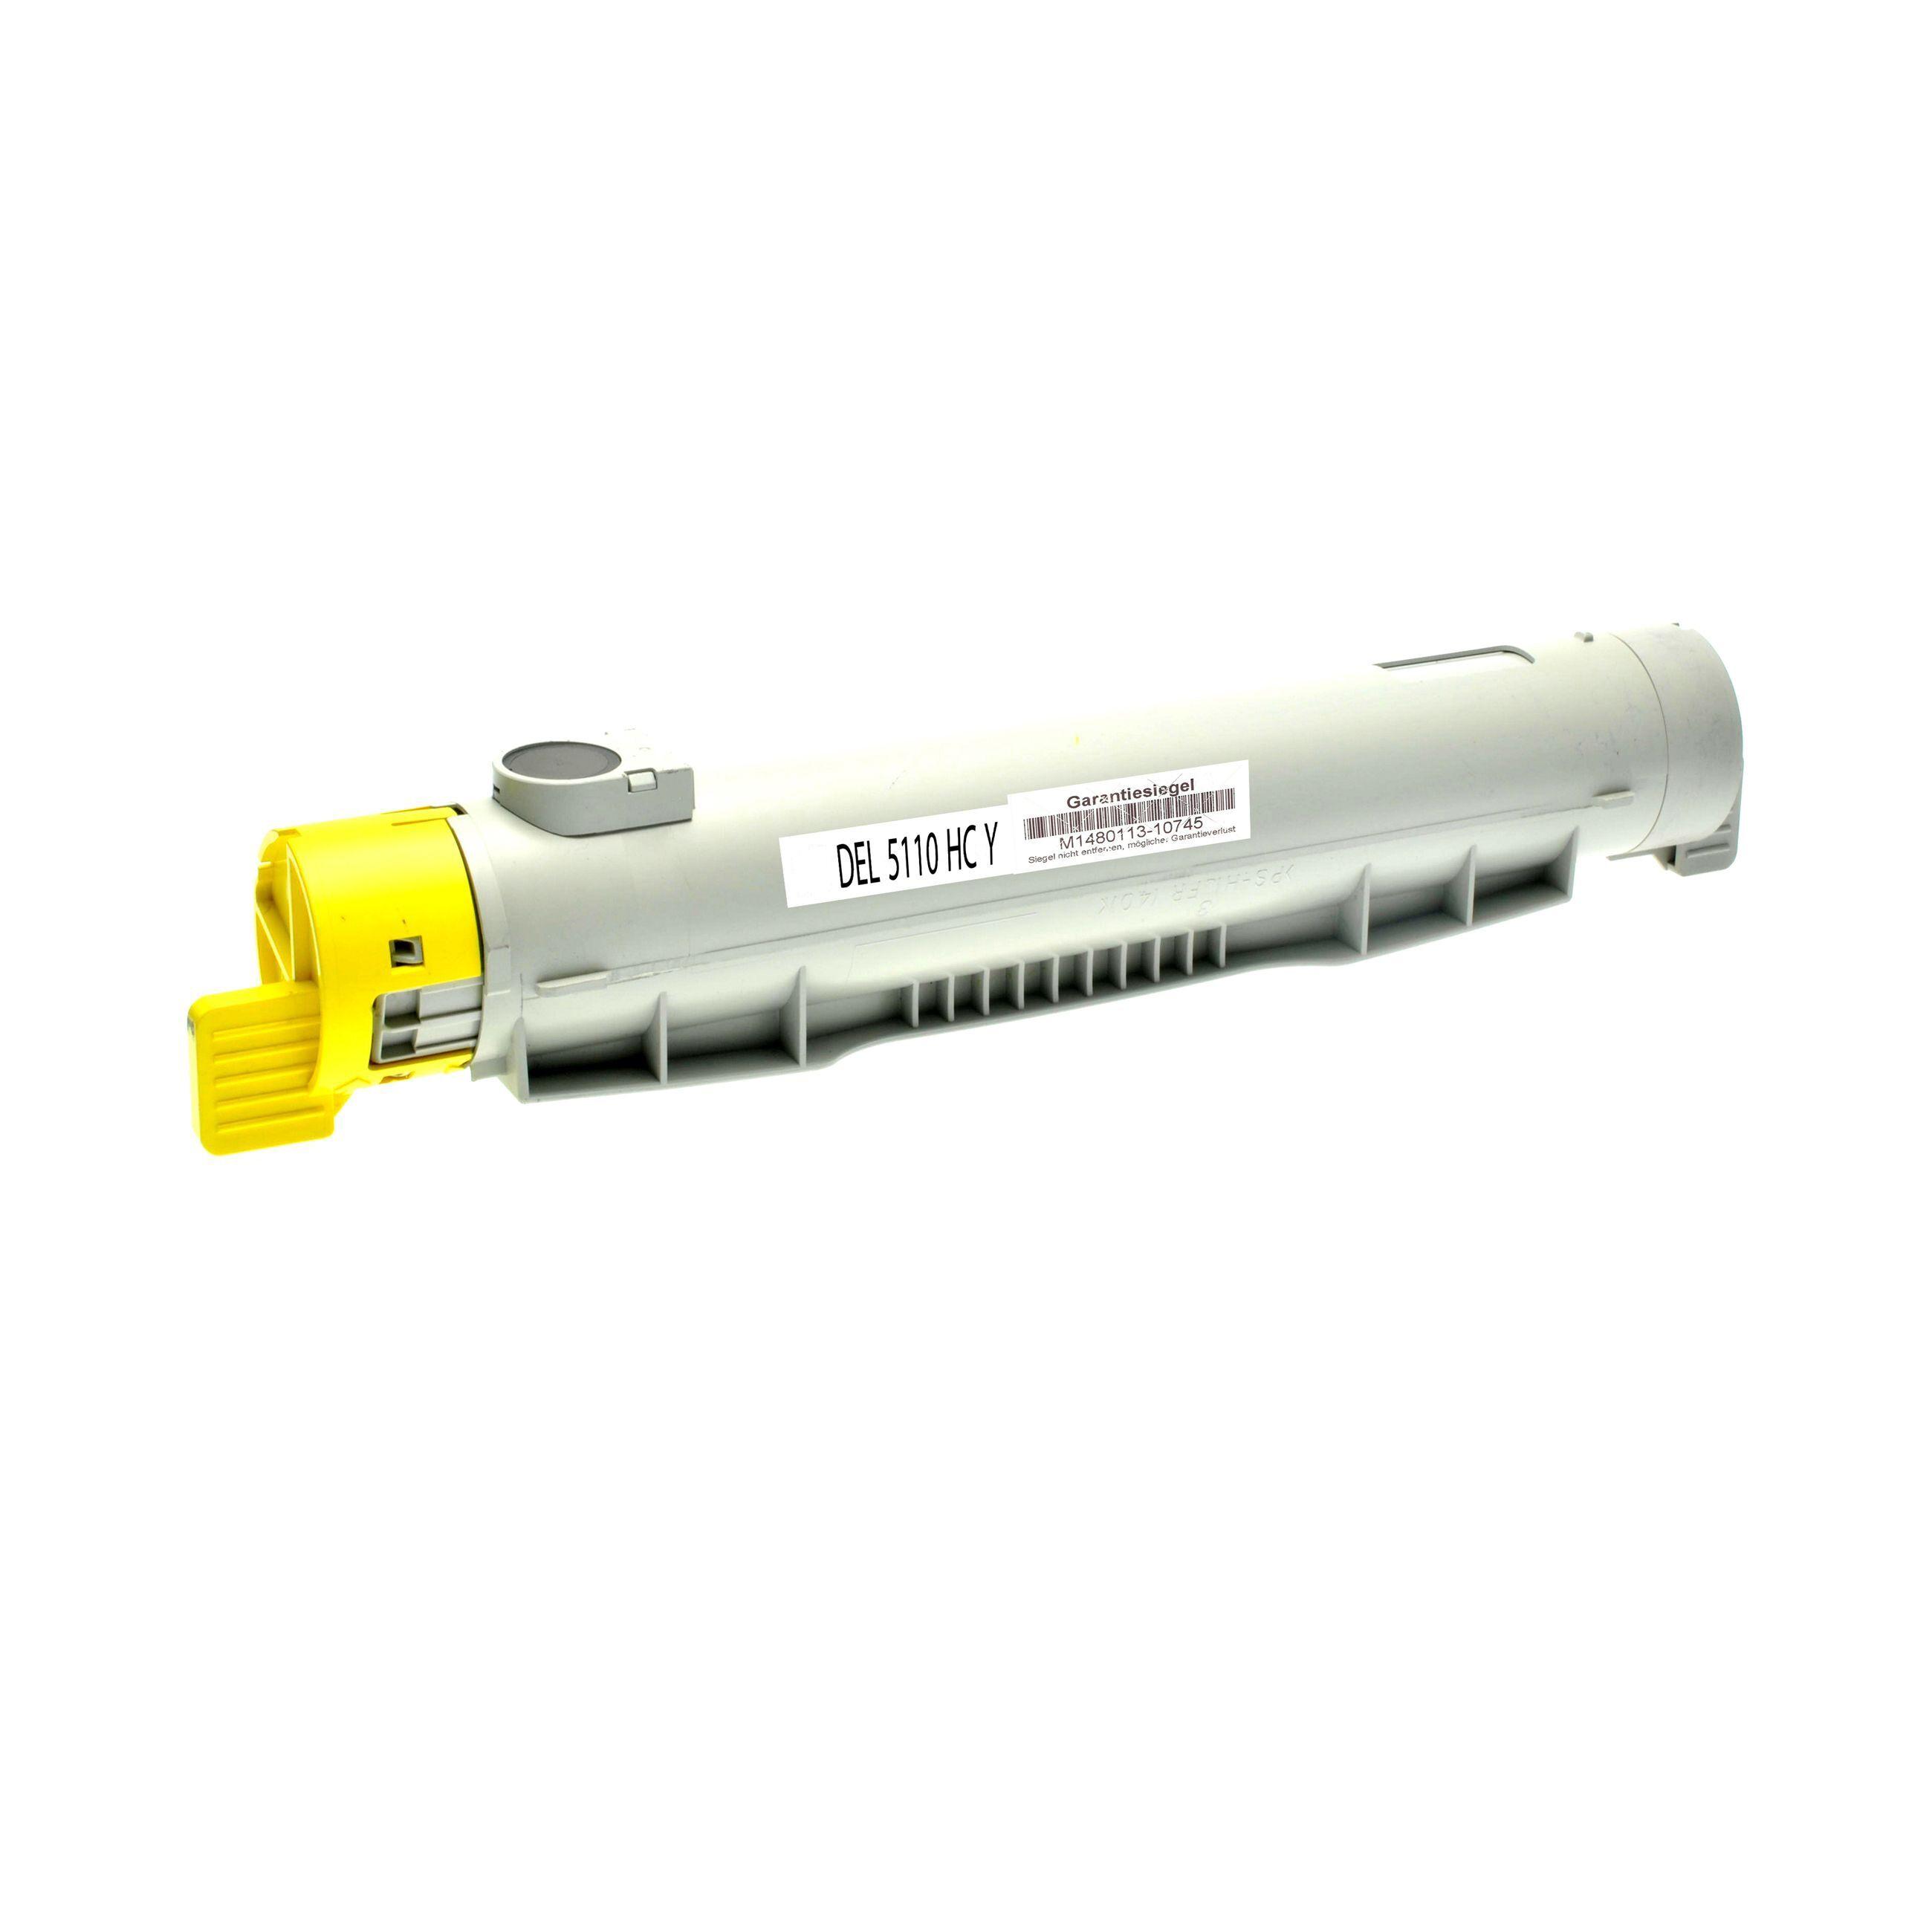 Dell Cartouche de Toner pour Dell 59310123 / JD750 jaune compatible (de marque ASC)